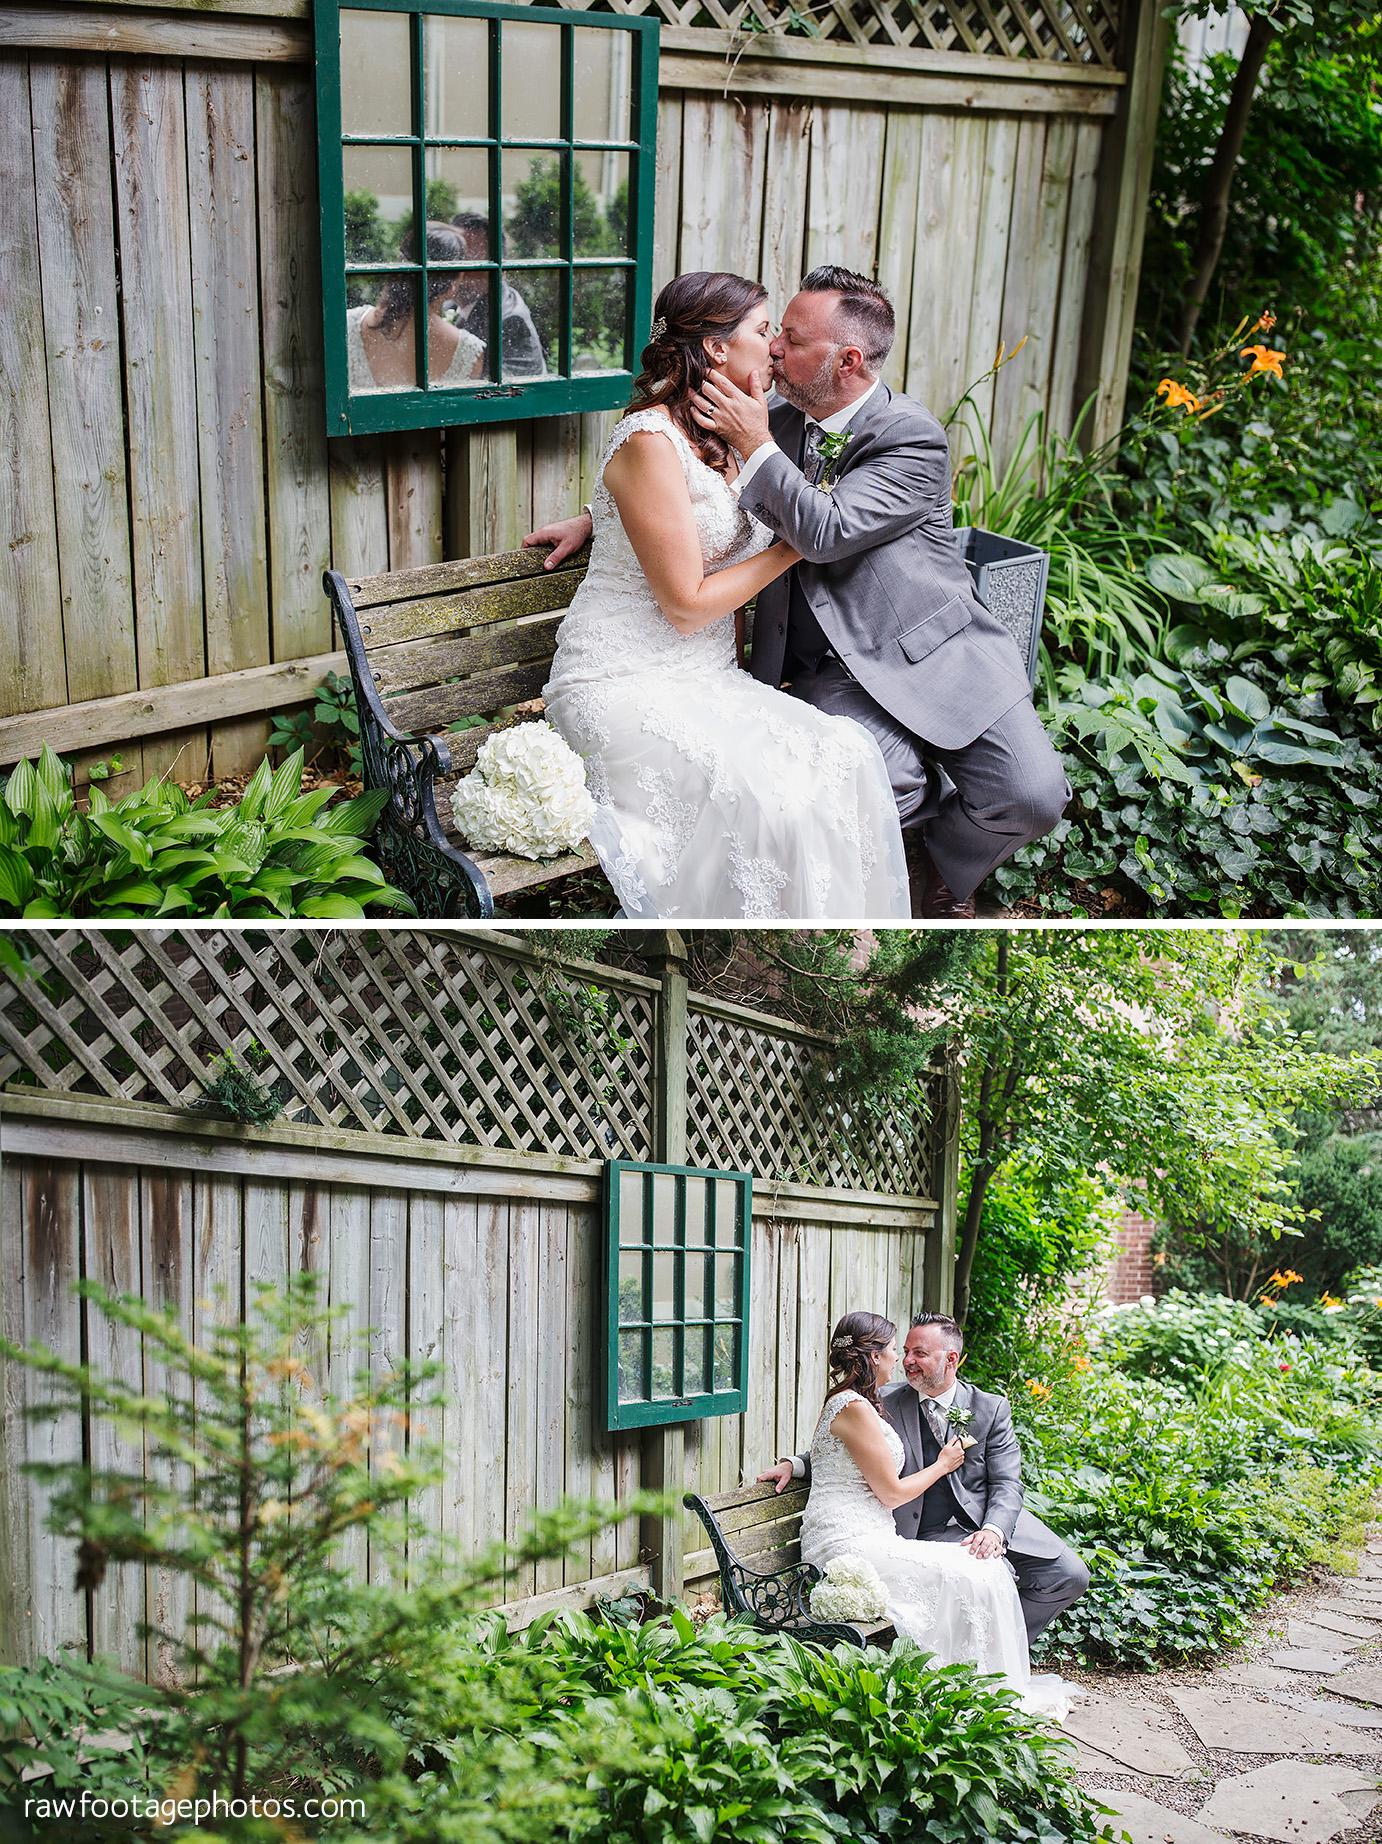 Wedding Portraits at Idlewyld Inn